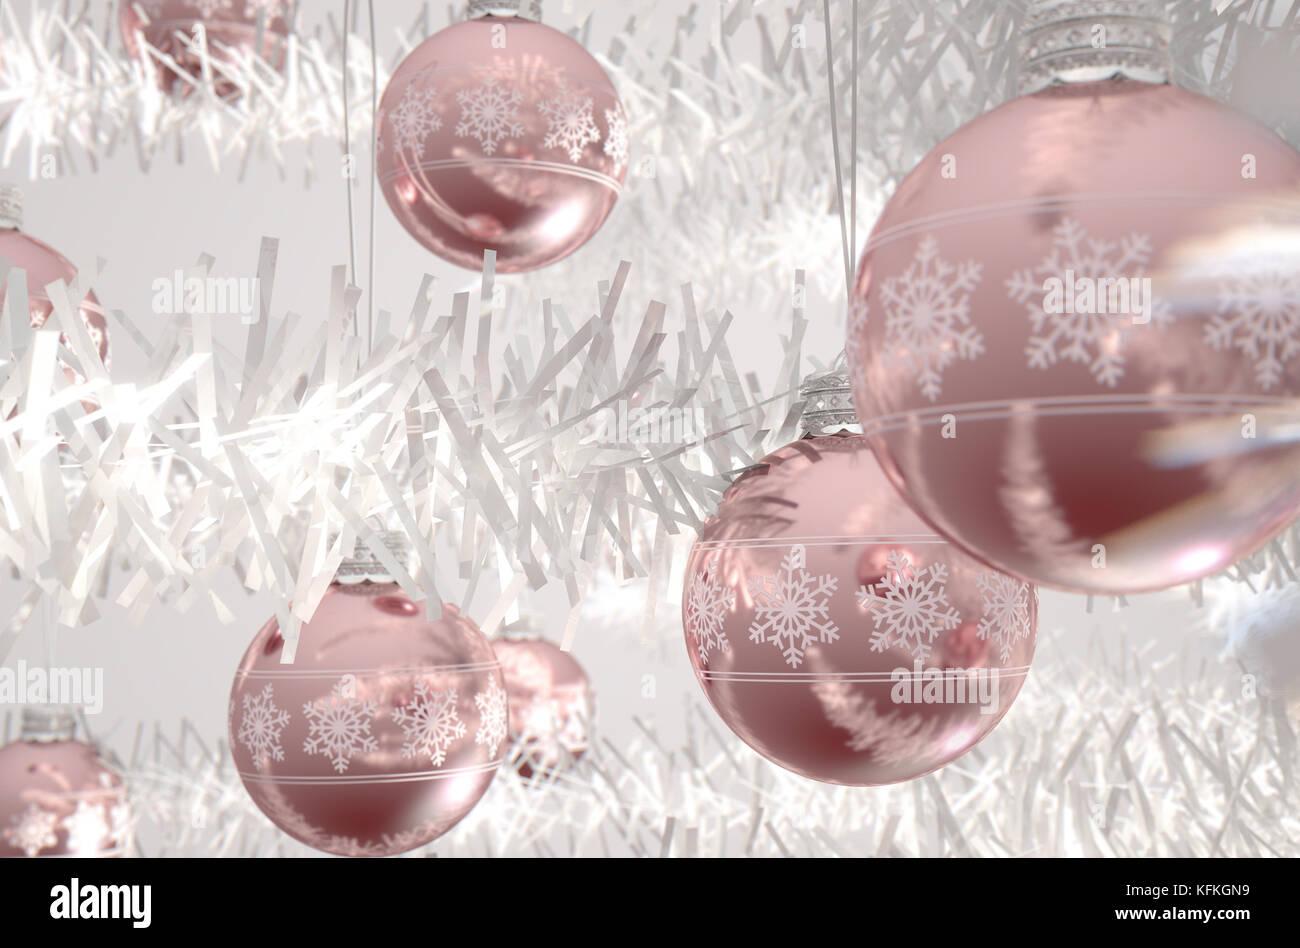 Christbaumkugeln Rose.Rose Gold Weihnachtskugeln Mit Fein Verzierten Schneeflocke